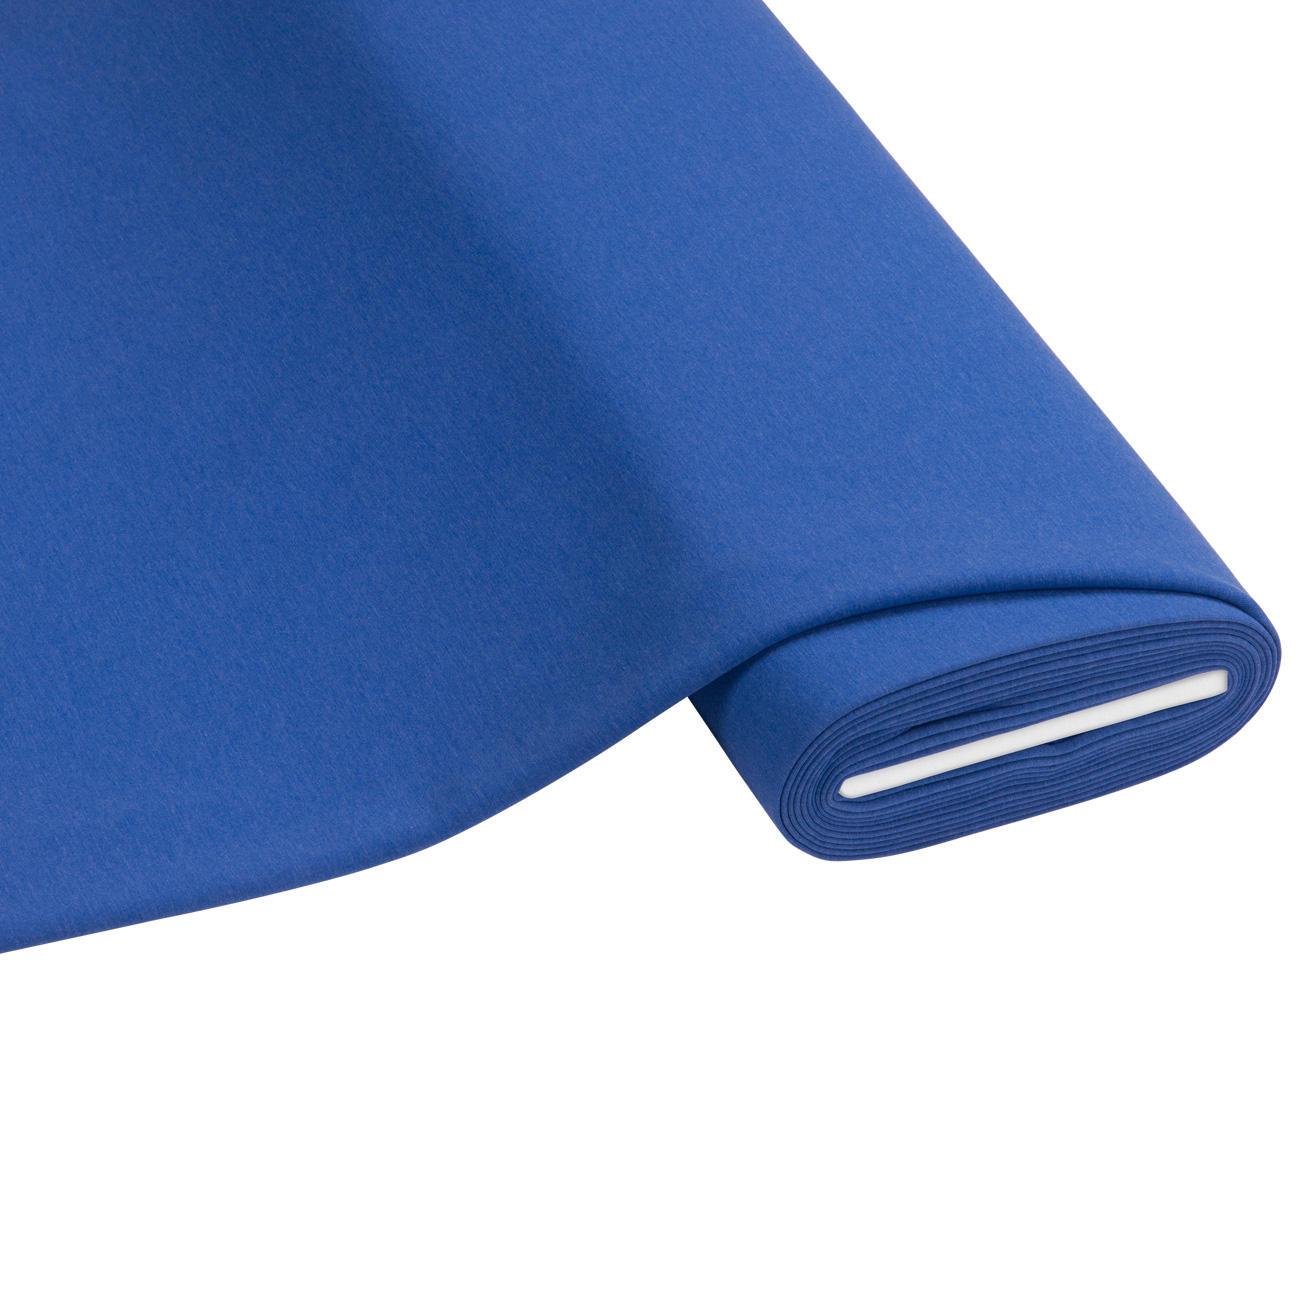 Sweat Stoff Meterware : meterware jersey sweat stoff blau ~ Watch28wear.com Haus und Dekorationen